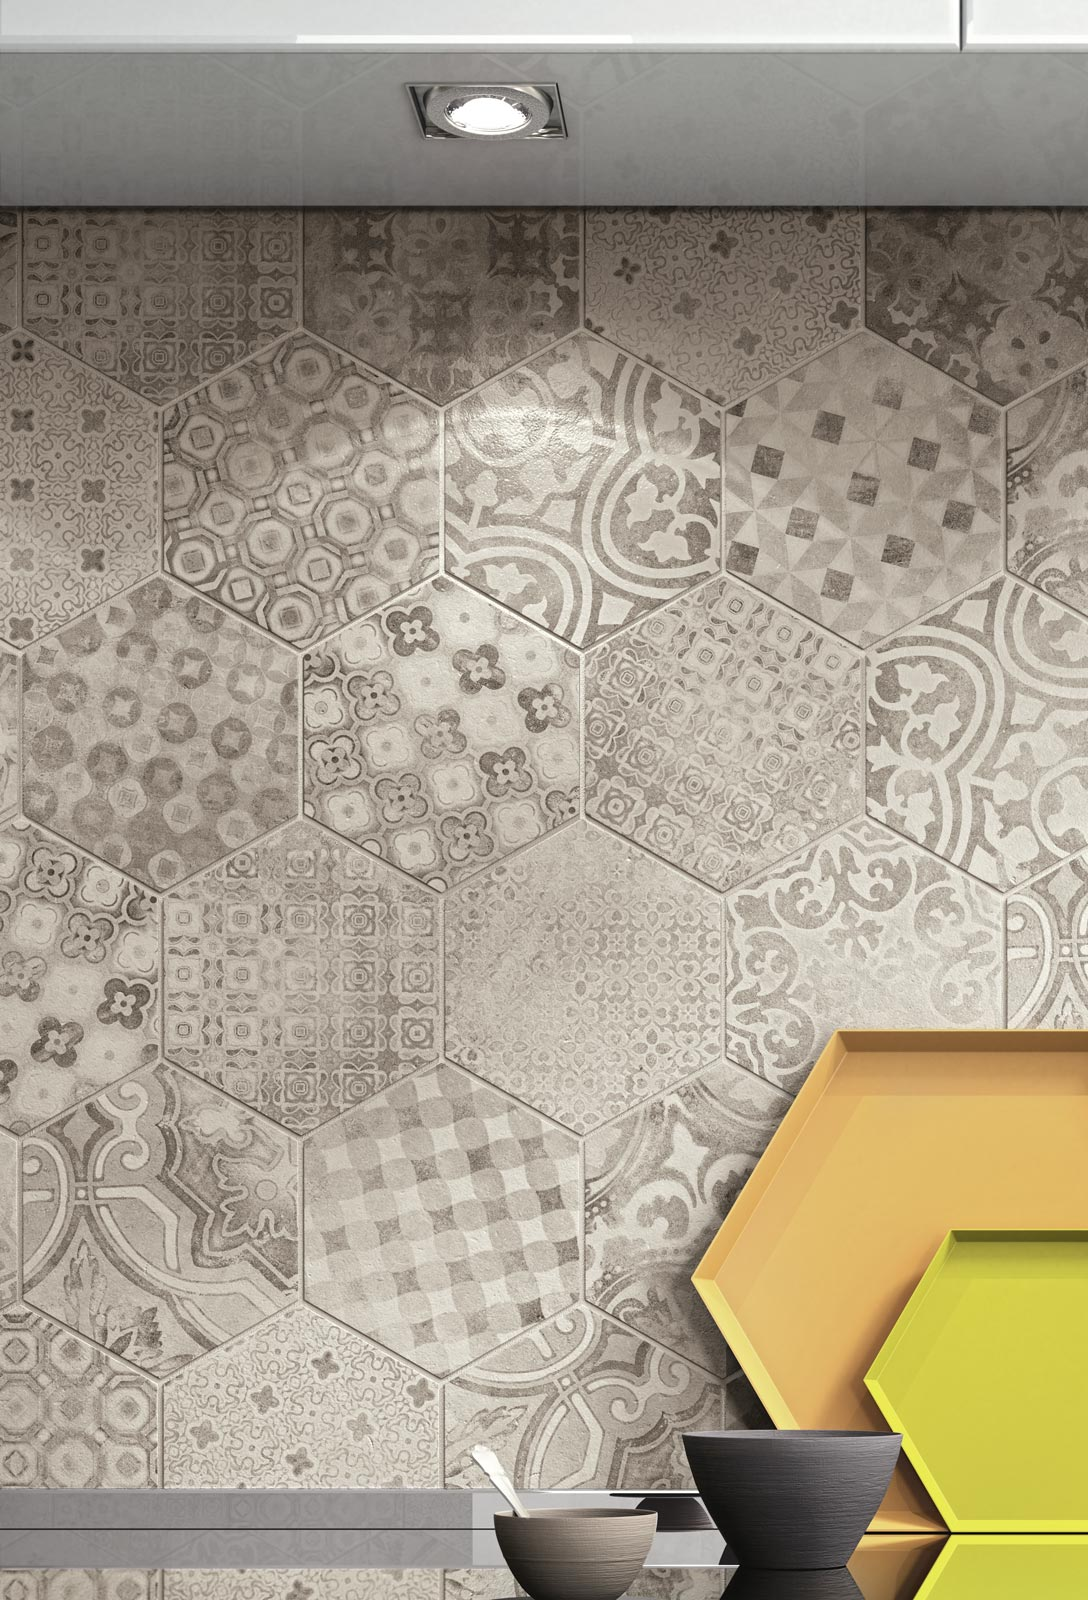 Piastrelle esagonali per decorare casa ragno - Decorare le piastrelle ...